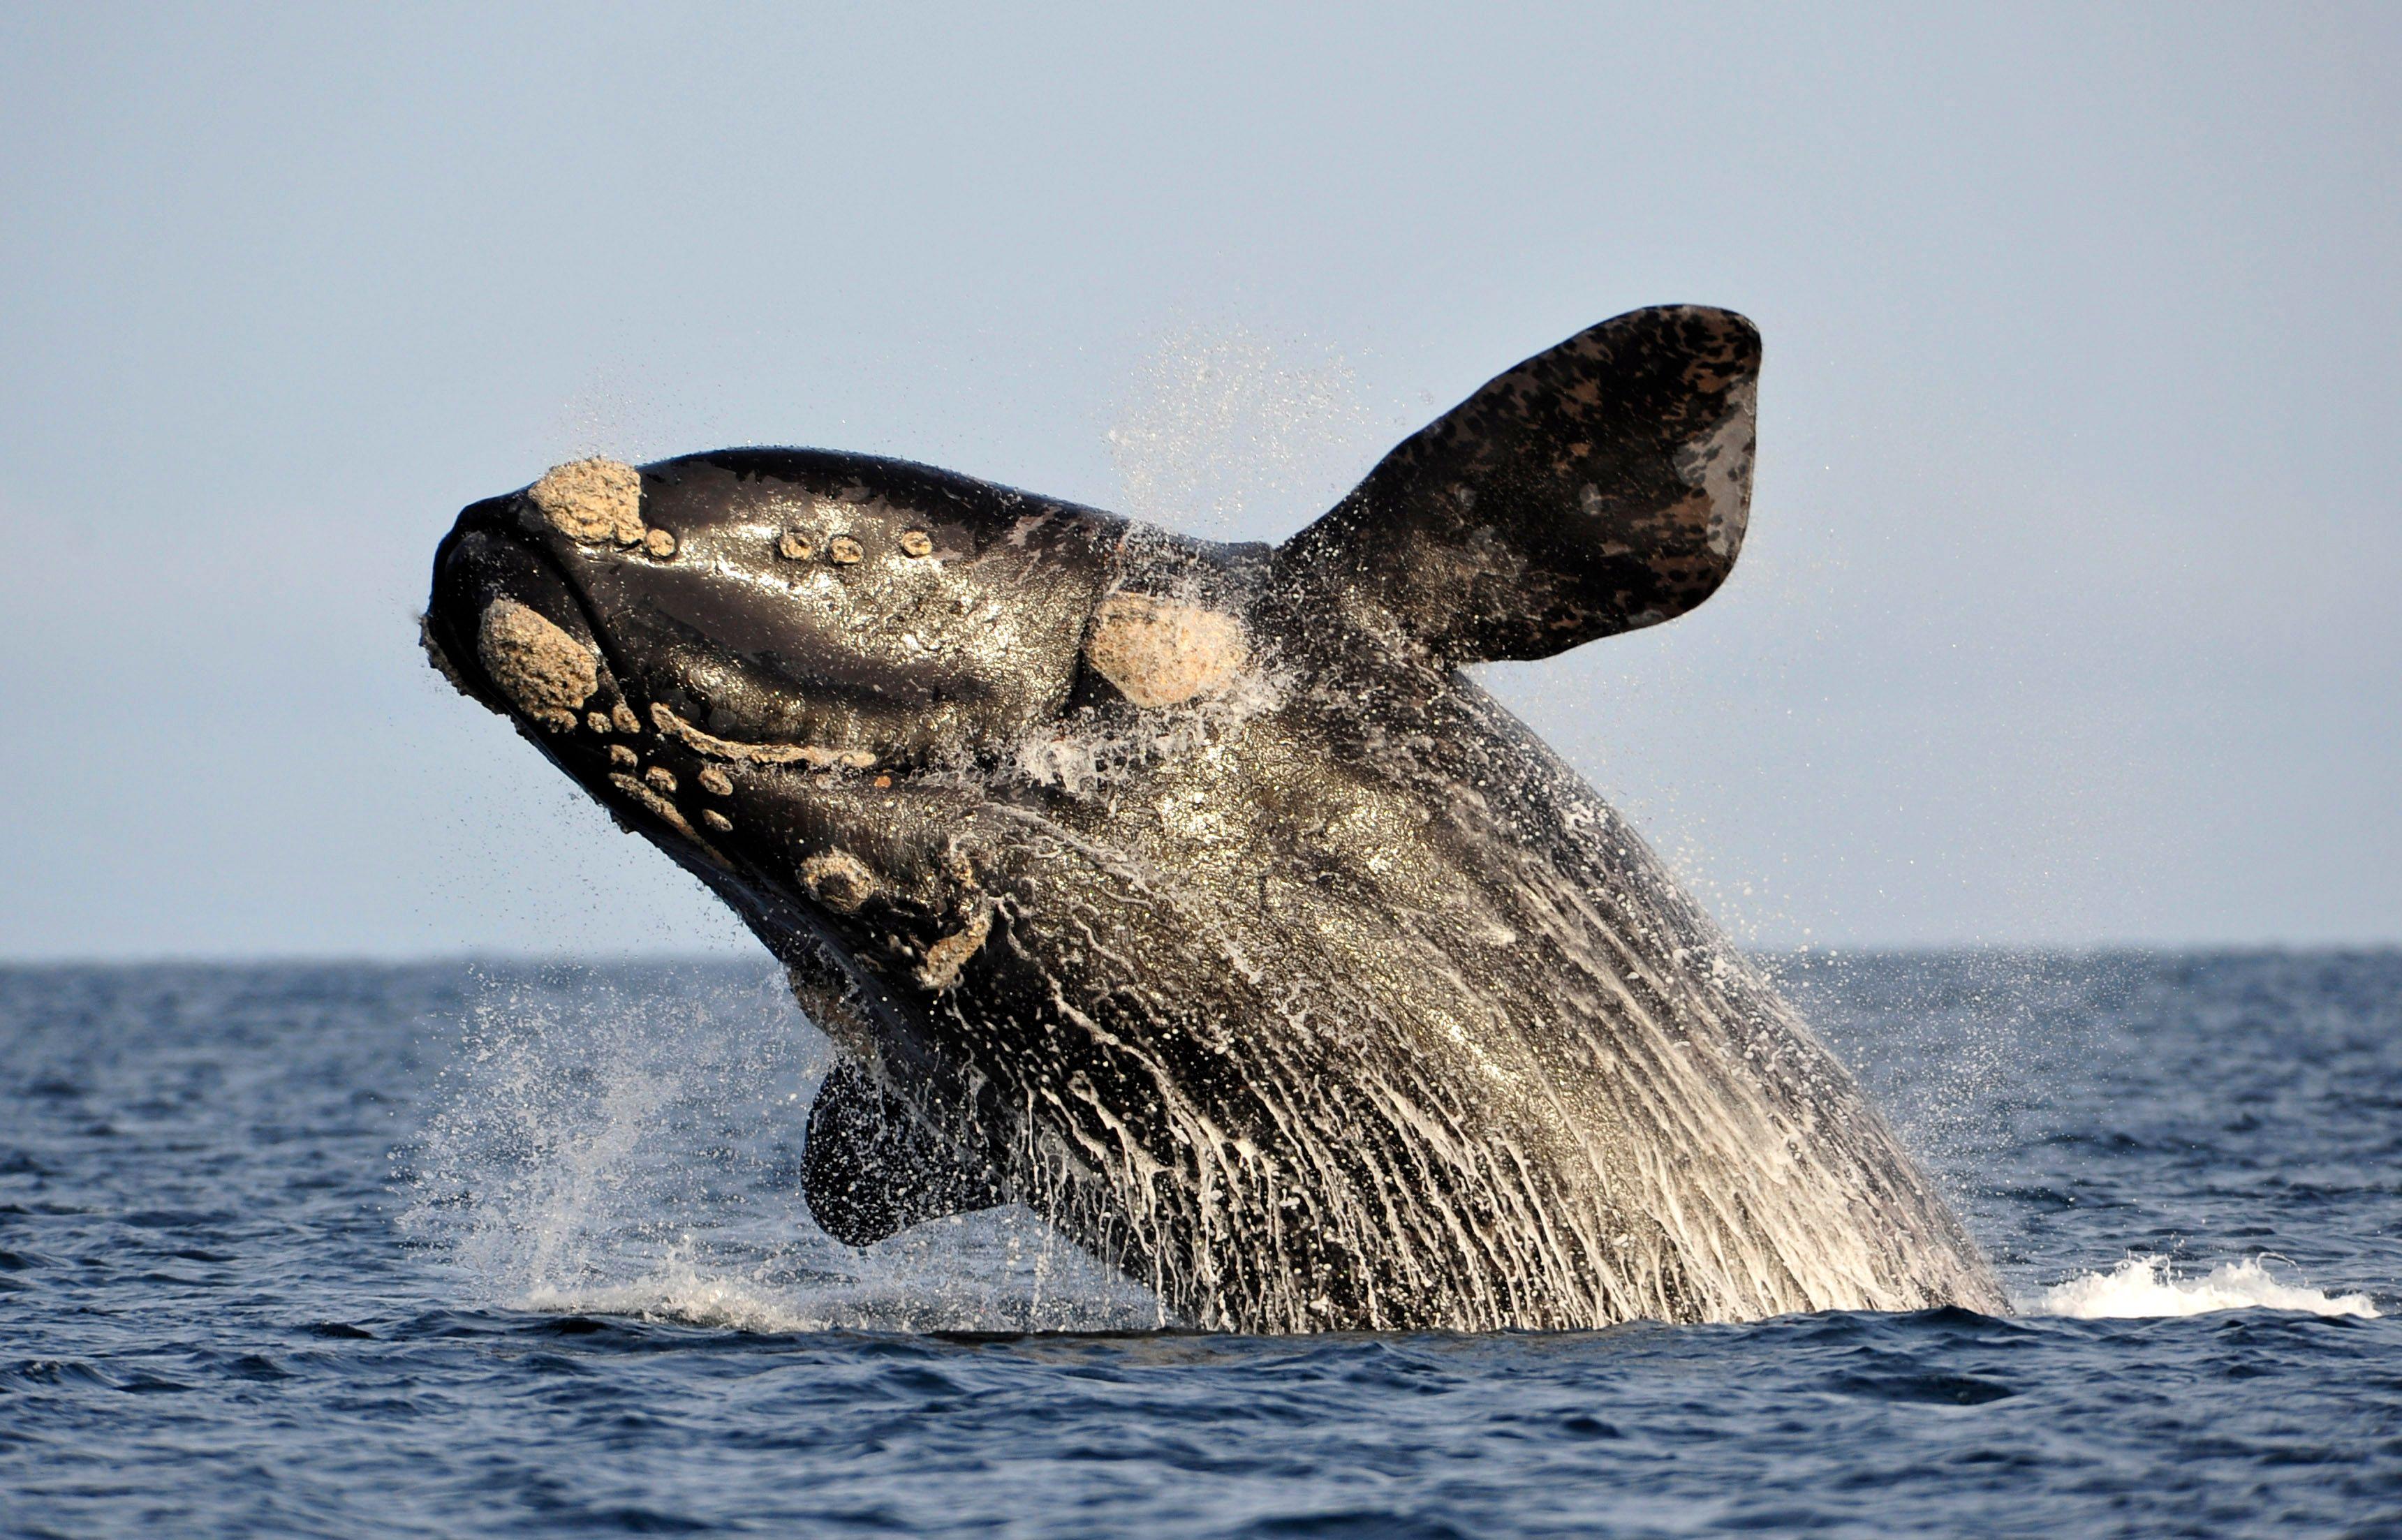 Les représentants japonais tentent de convaincre la CBI de l'importance scientifique de la chasse à la baleine.